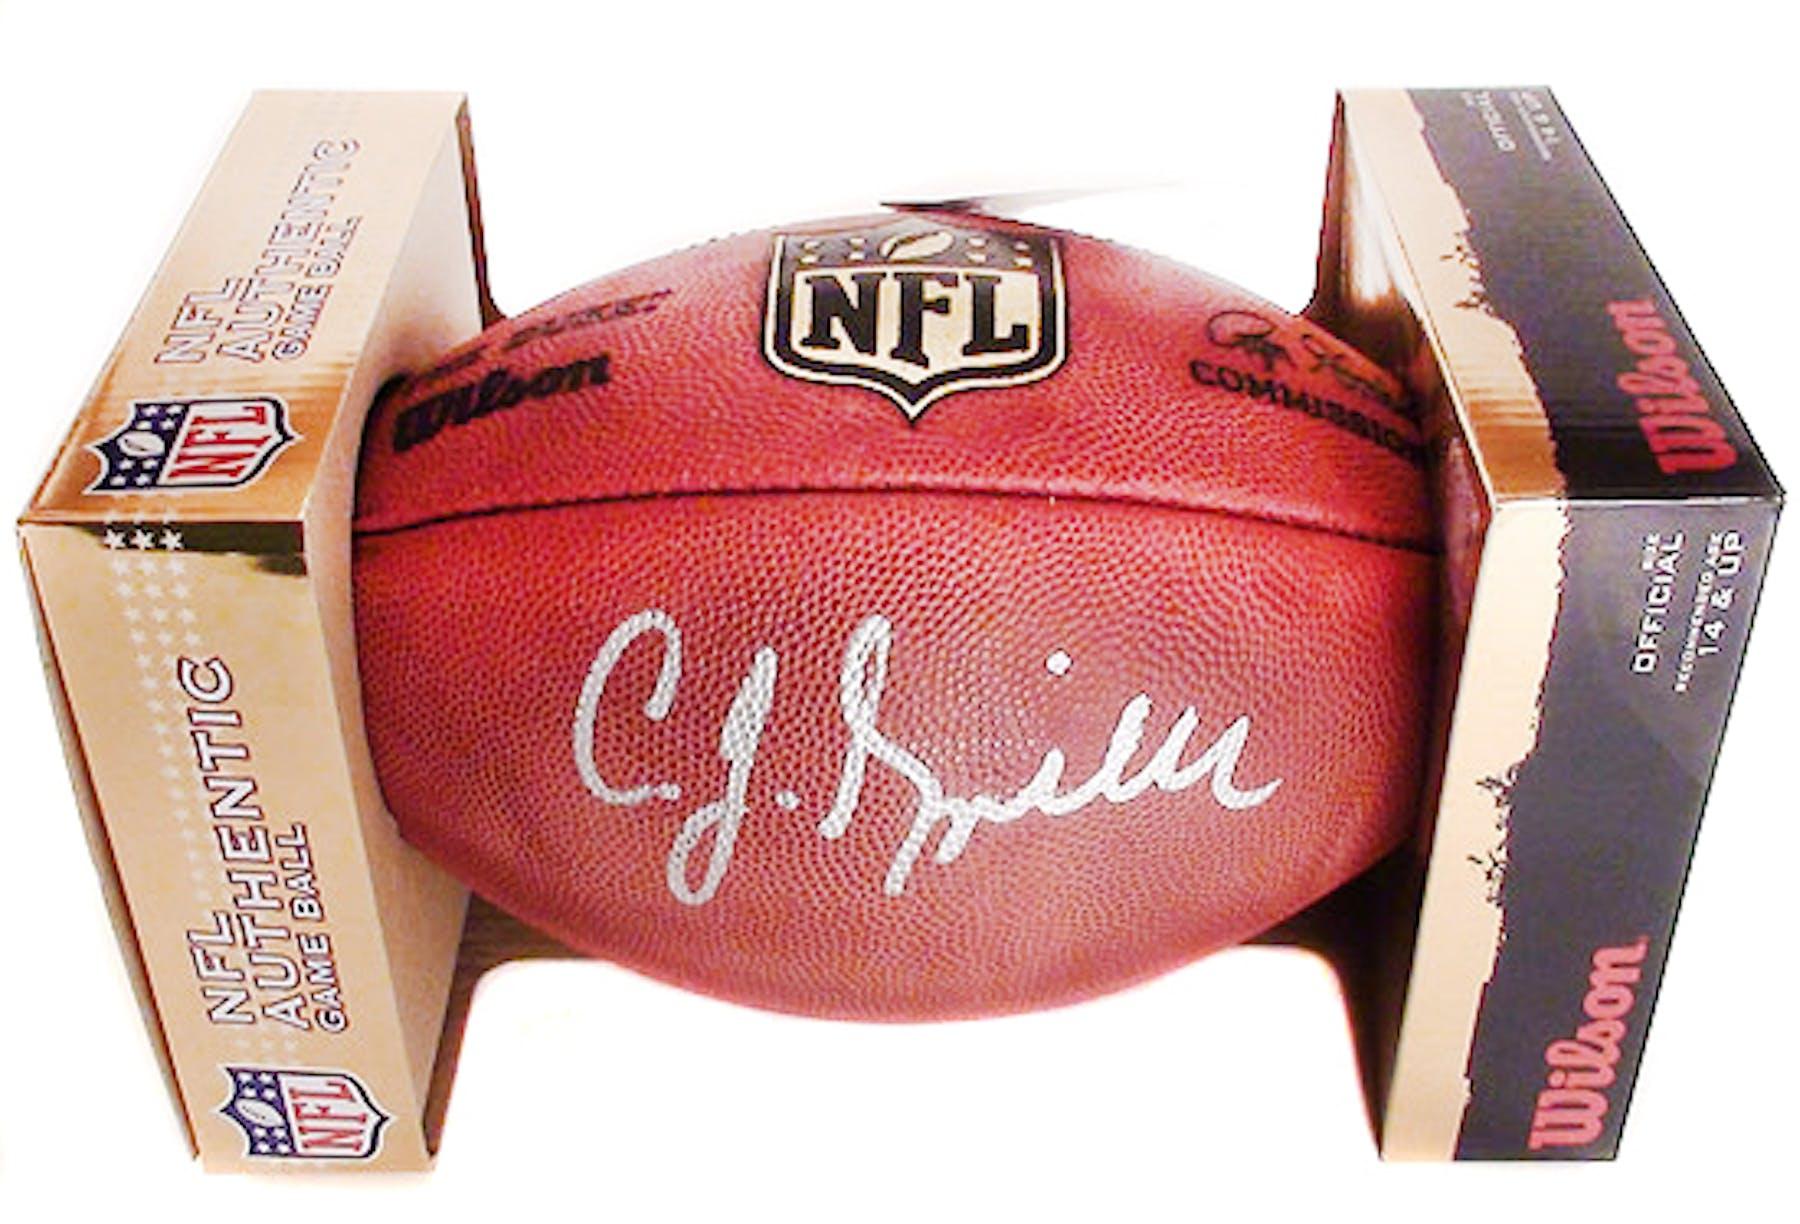 fe0d88750 CJ Spiller Autographed Buffalo Bills Official Wilson NFL Game Football